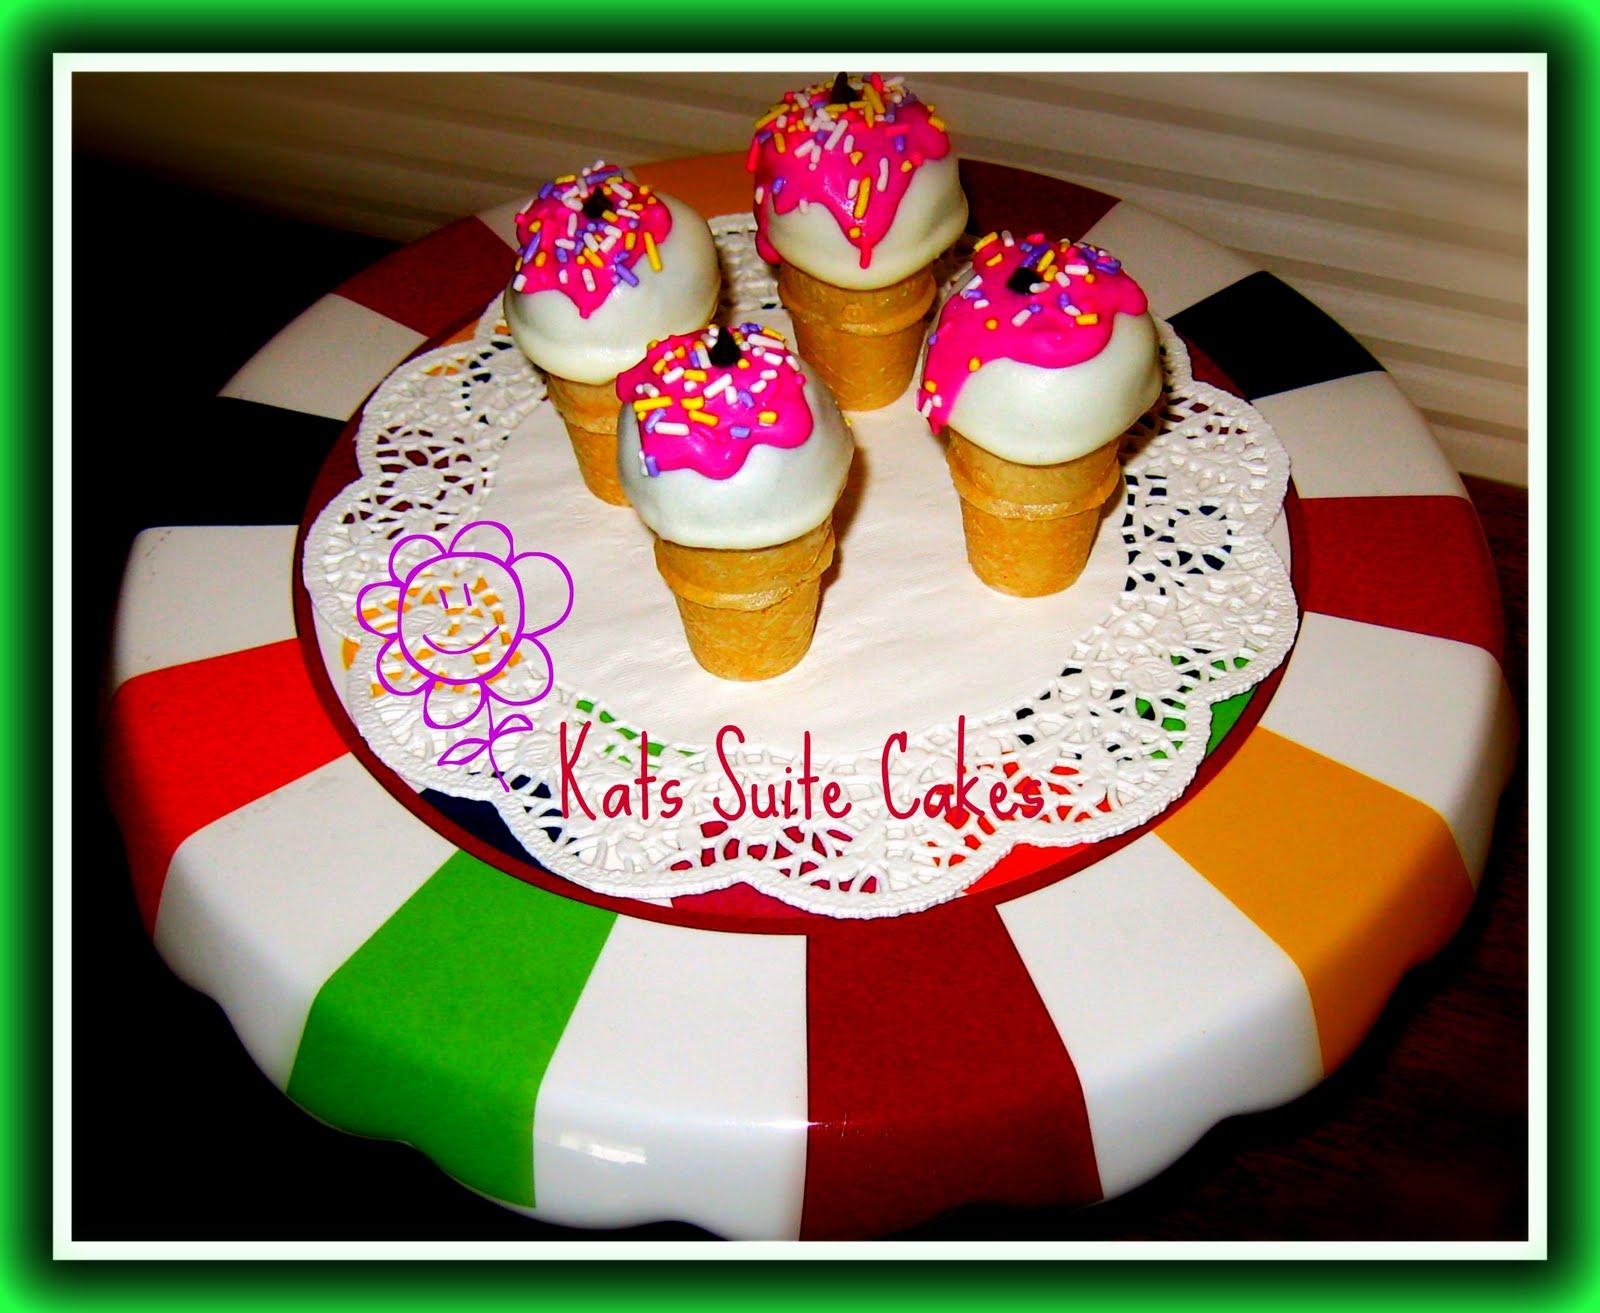 Cake Decorating Ice Cream Cones : Ice Cream Cone Cake Balls Kats Suite Cakes